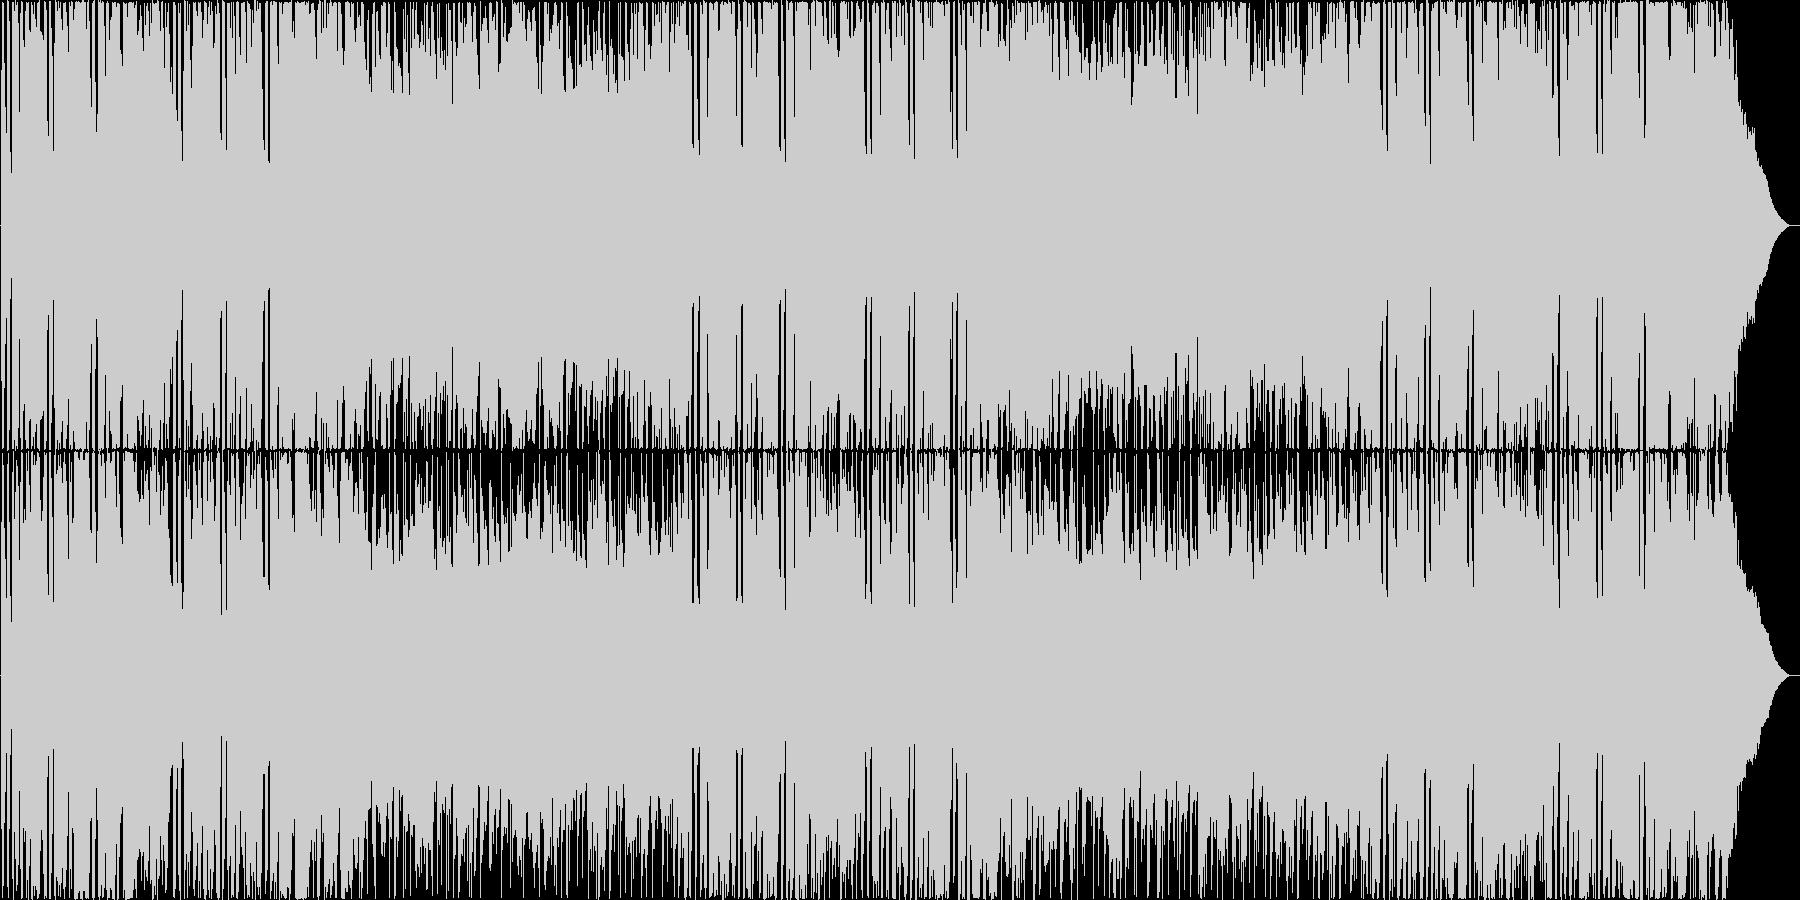 ギターメロディが印象的なBGMの未再生の波形